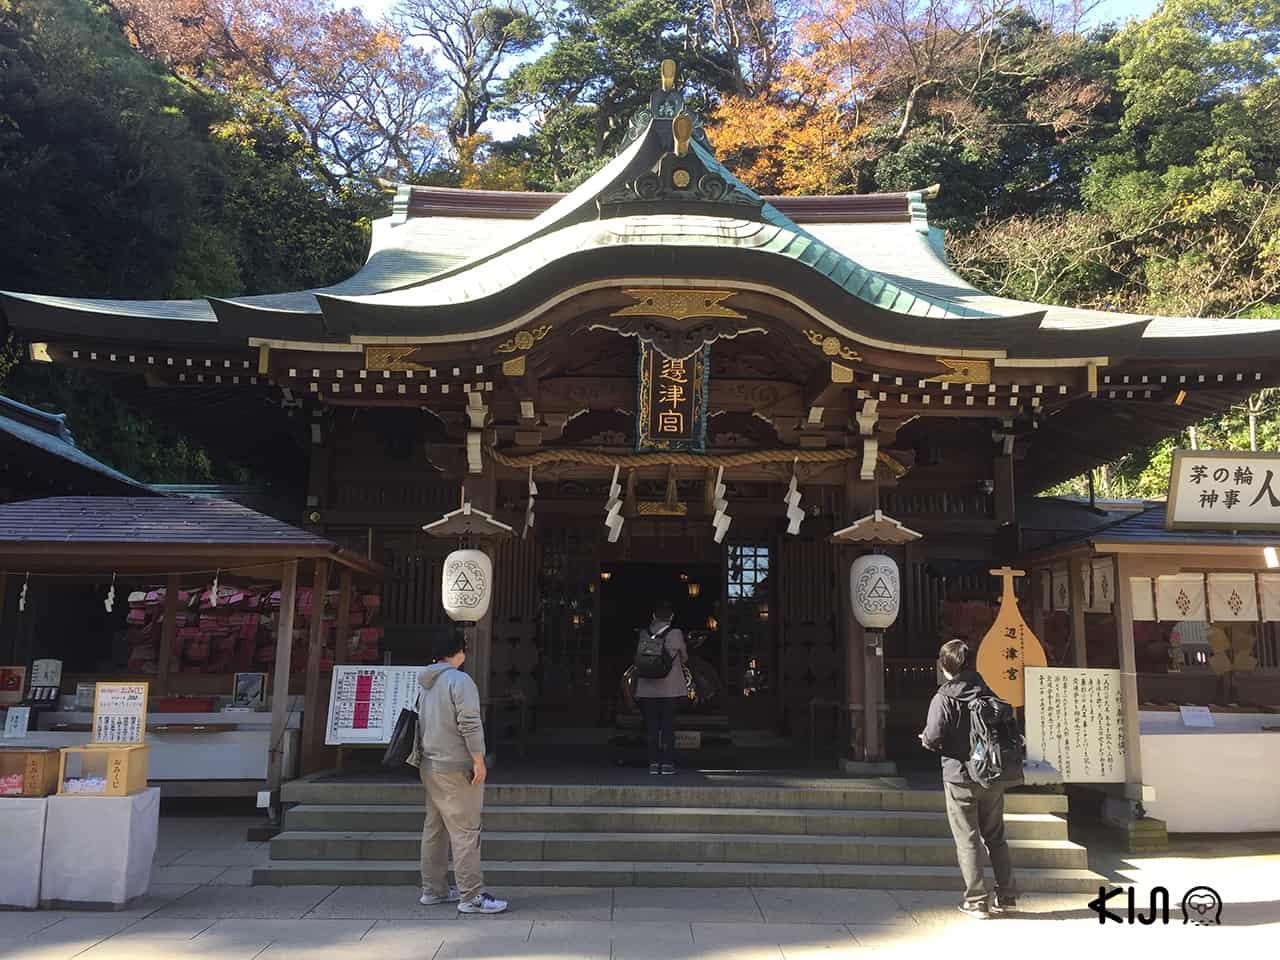 ศาลเจ้าเอโนชิมะ (Enoshima Shrine)